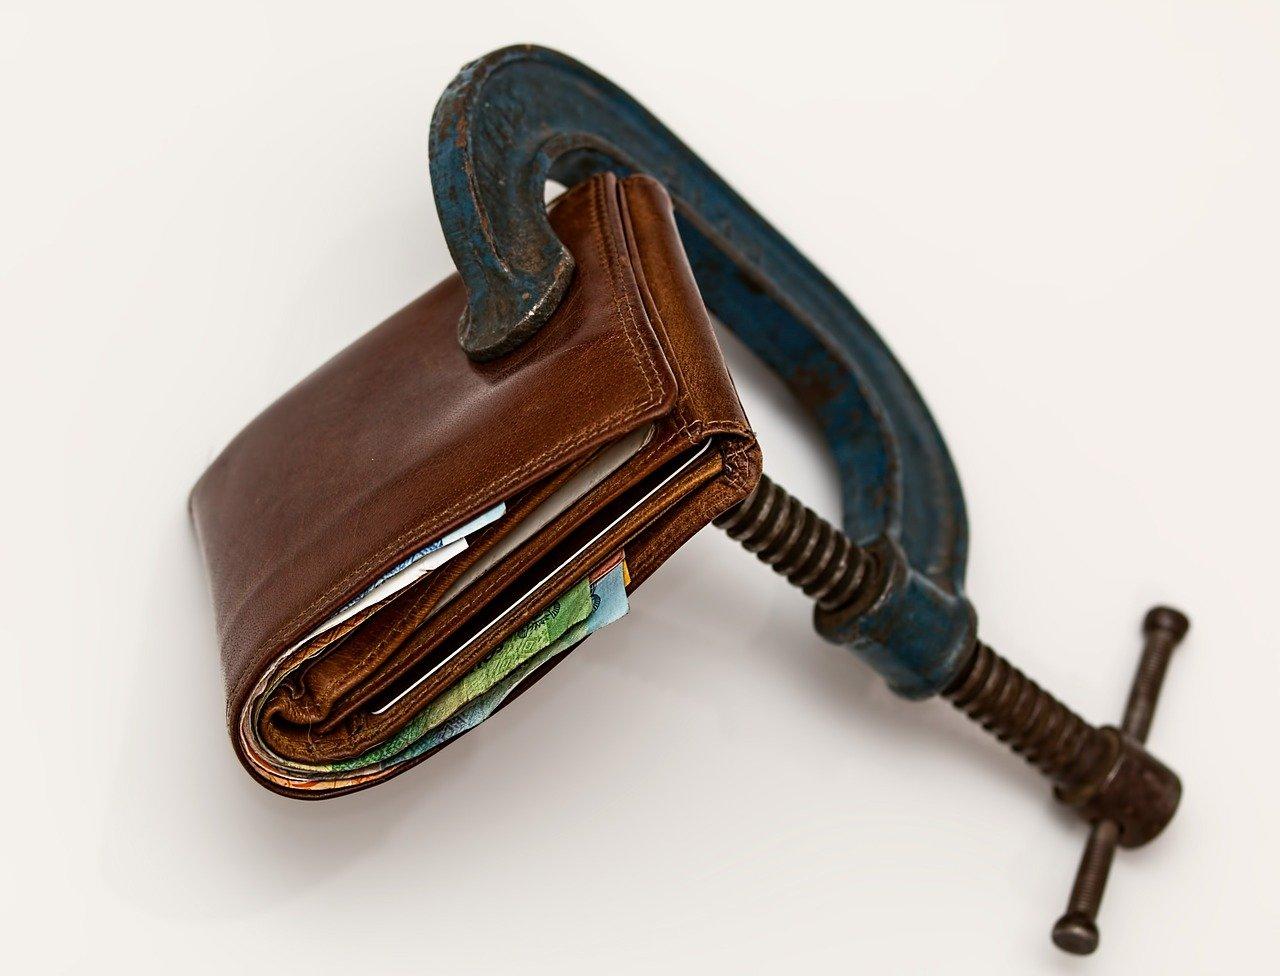 Hardware wallet kopen? Hier lees je alles wat je moet wetten, 2021 update!